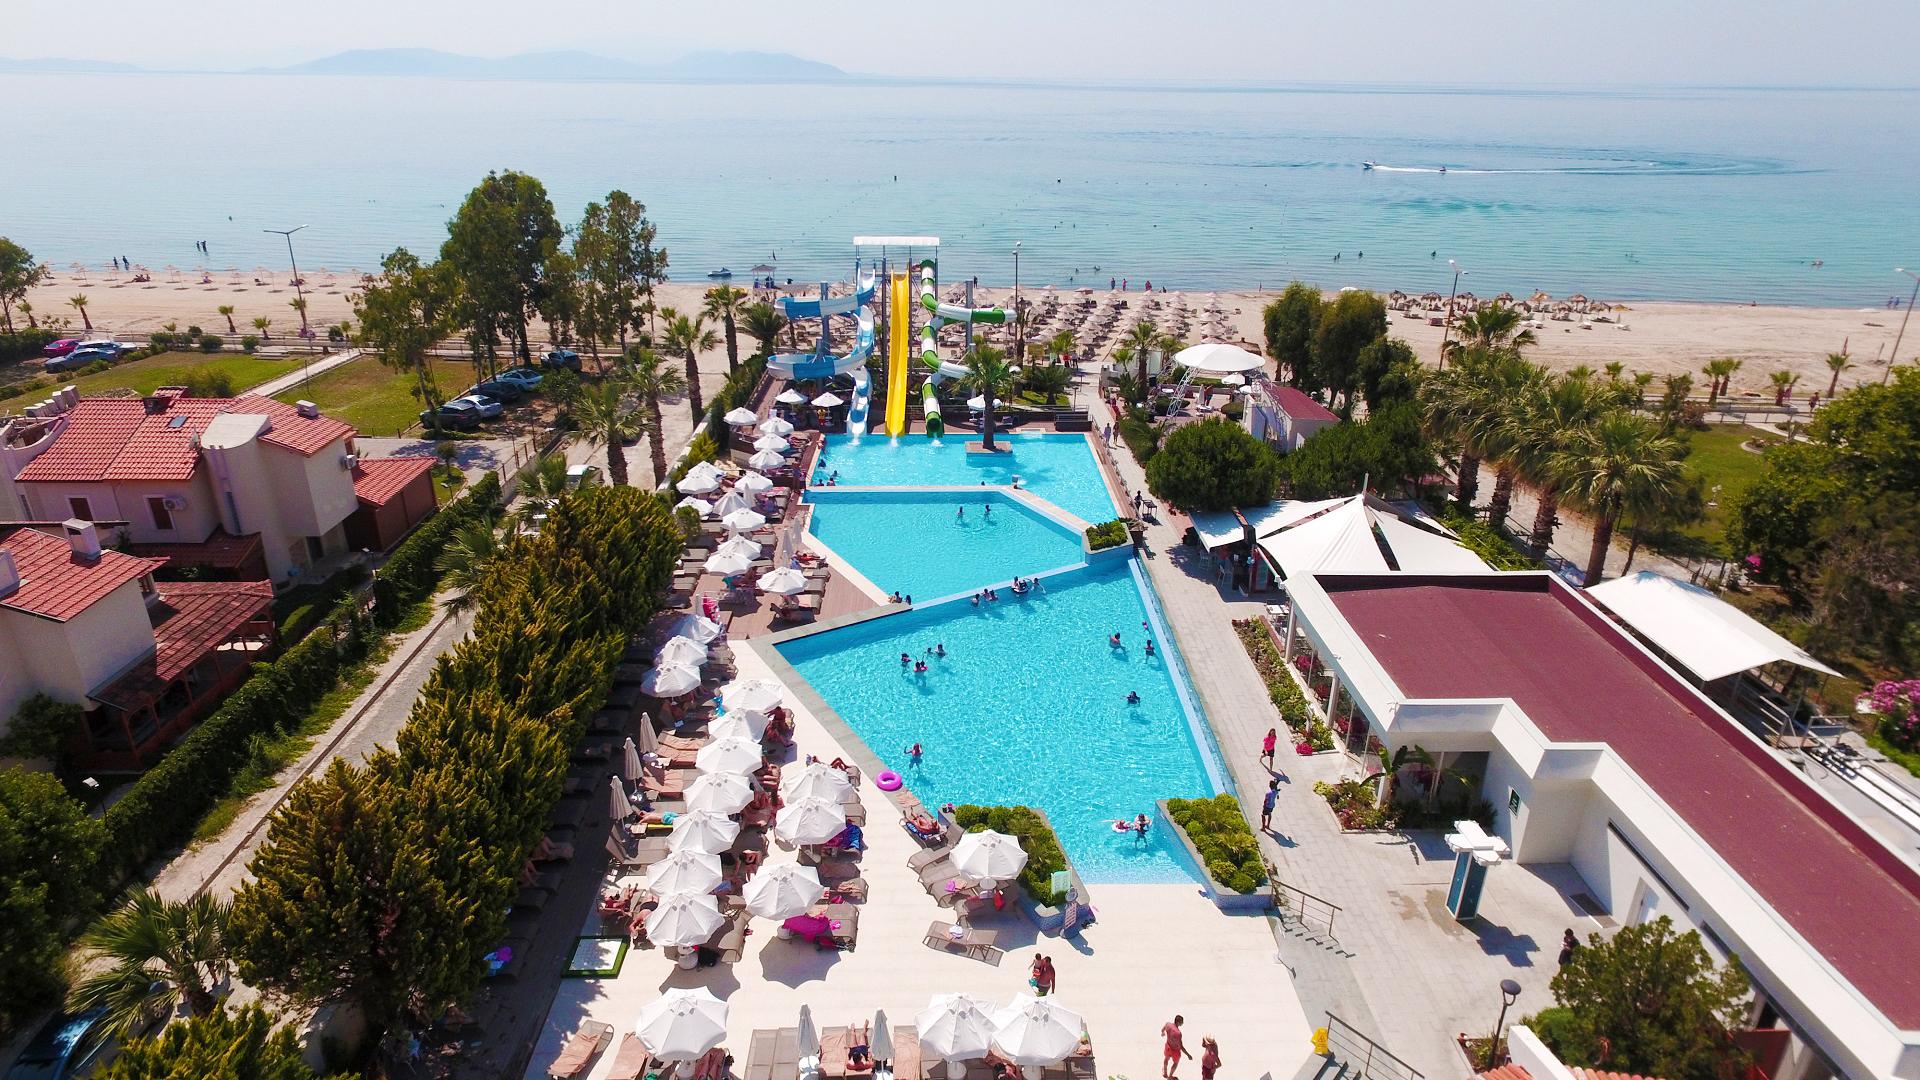 фото нового отеля Flora Garden Ephesus 5*, Турция, аквазона